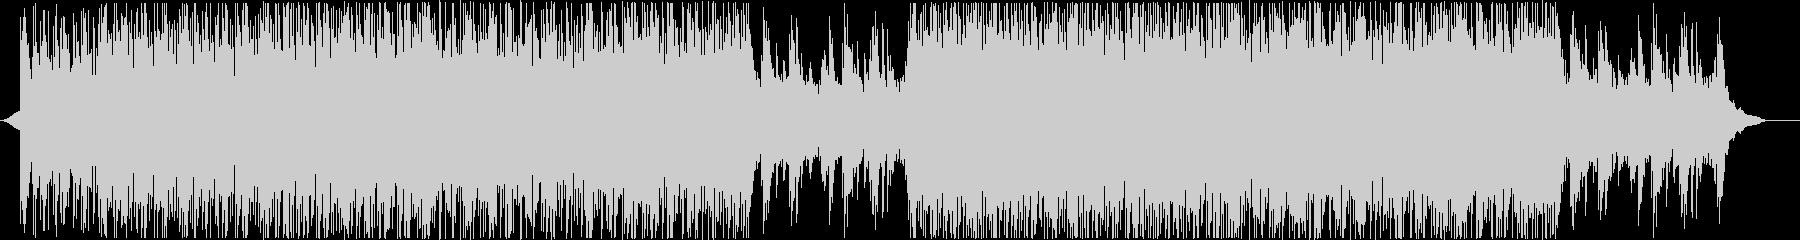 爽やかでポップなピアノのBGMの未再生の波形